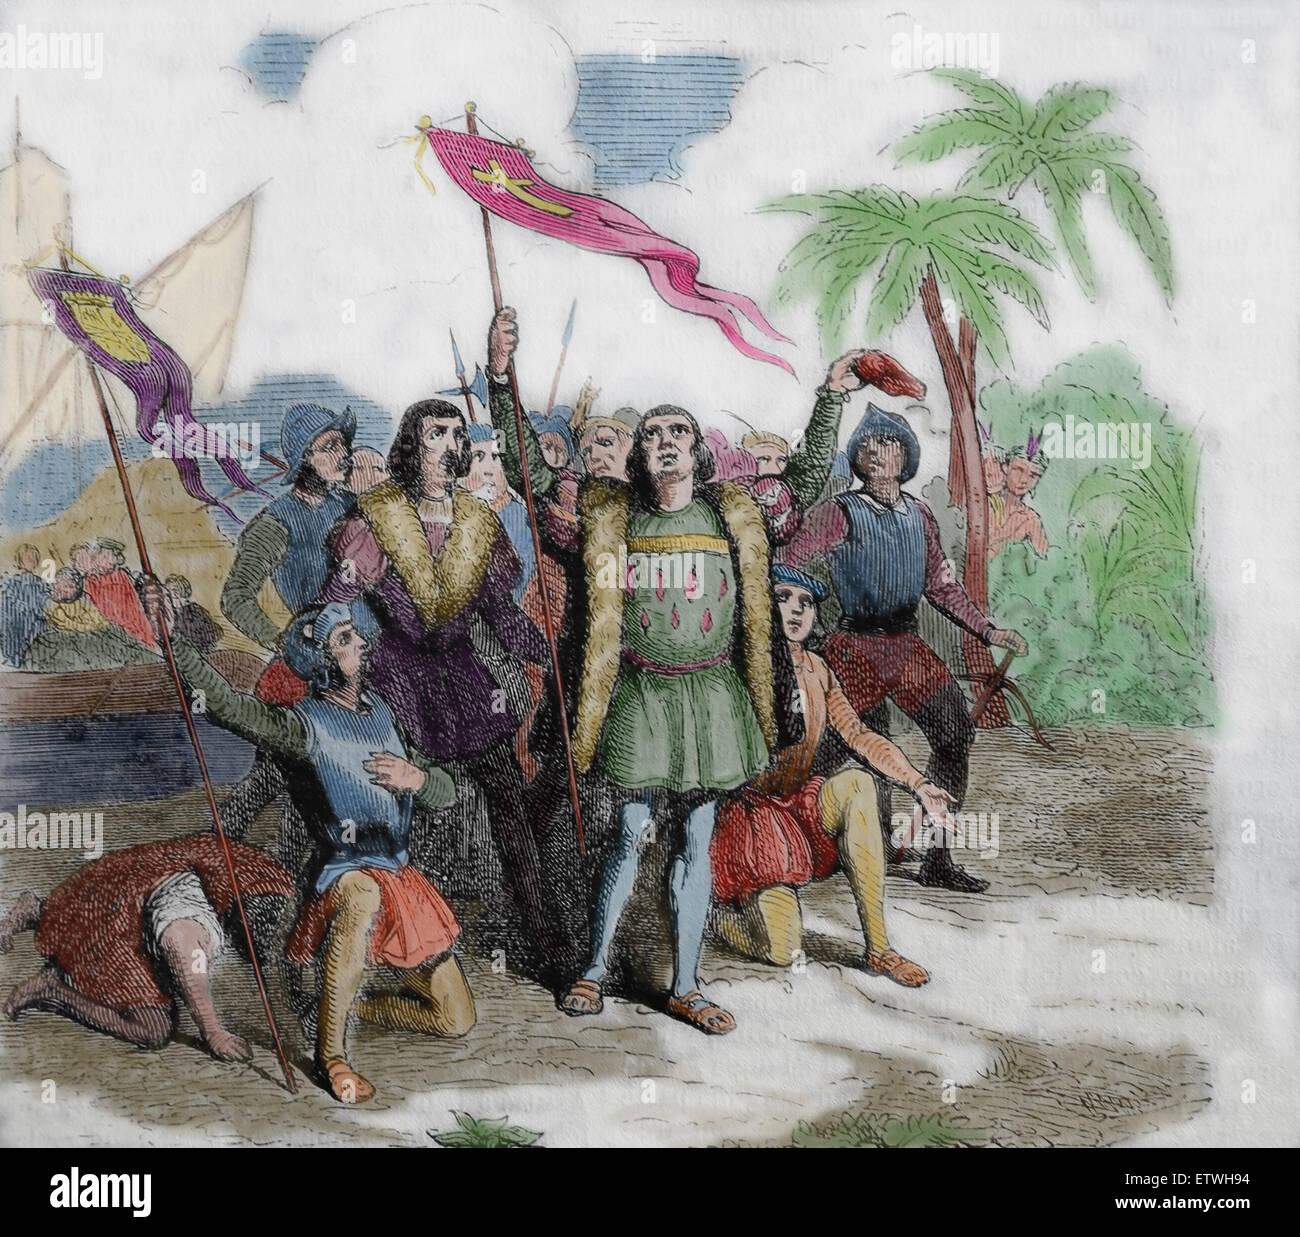 Nuovo Mondo scoperta da parte di Cristoforo Colombo. Incisione. Xix secolo. Immagini Stock